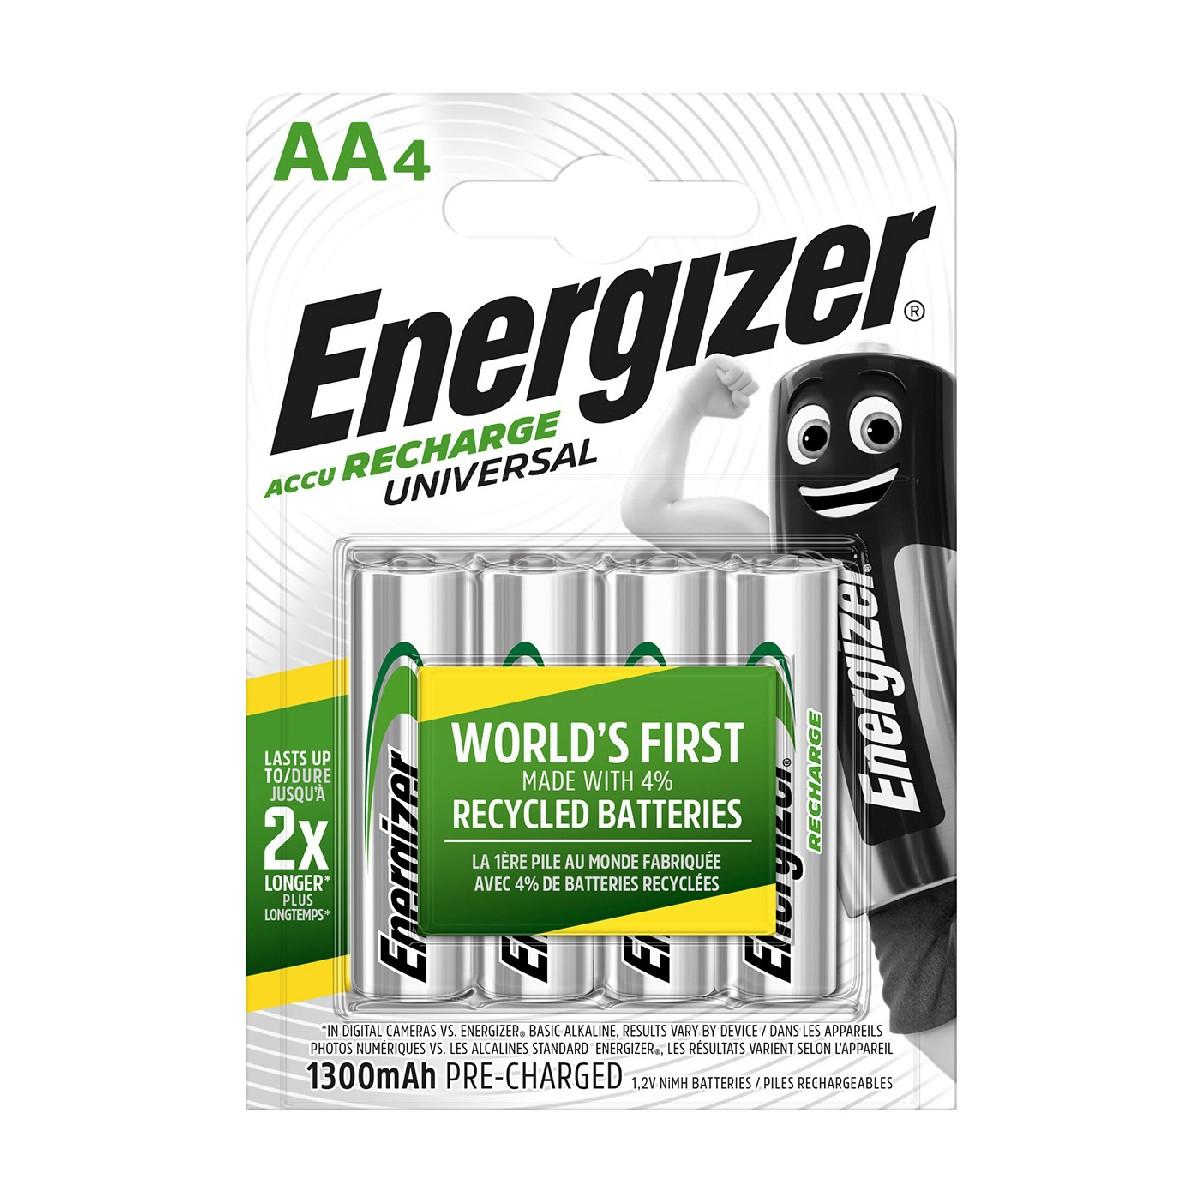 Μπαταρία Επαναφορτιζόμενη Energizer ACCU Recharge Universal 1300 mAh size AA 1.2V Τεμ. 4